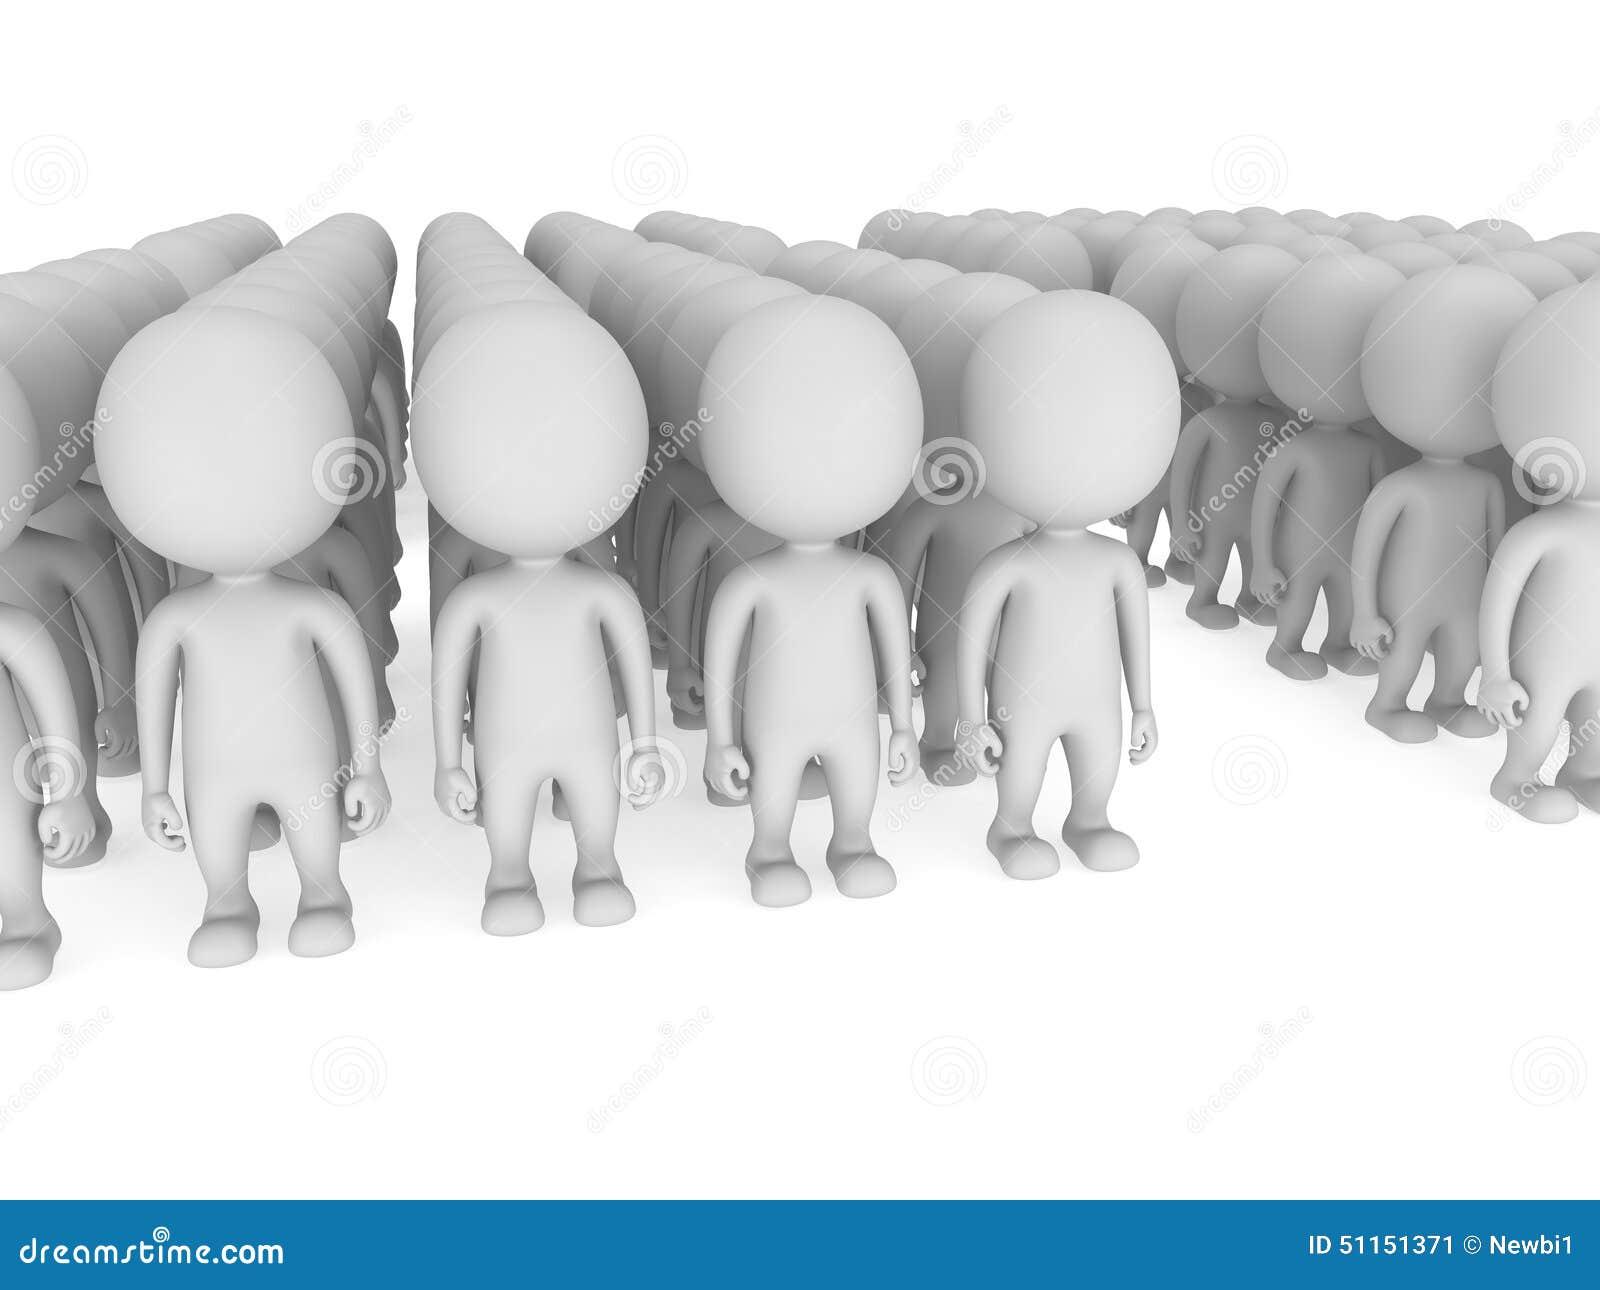 Wielki grupa ludzi stojak na bielu